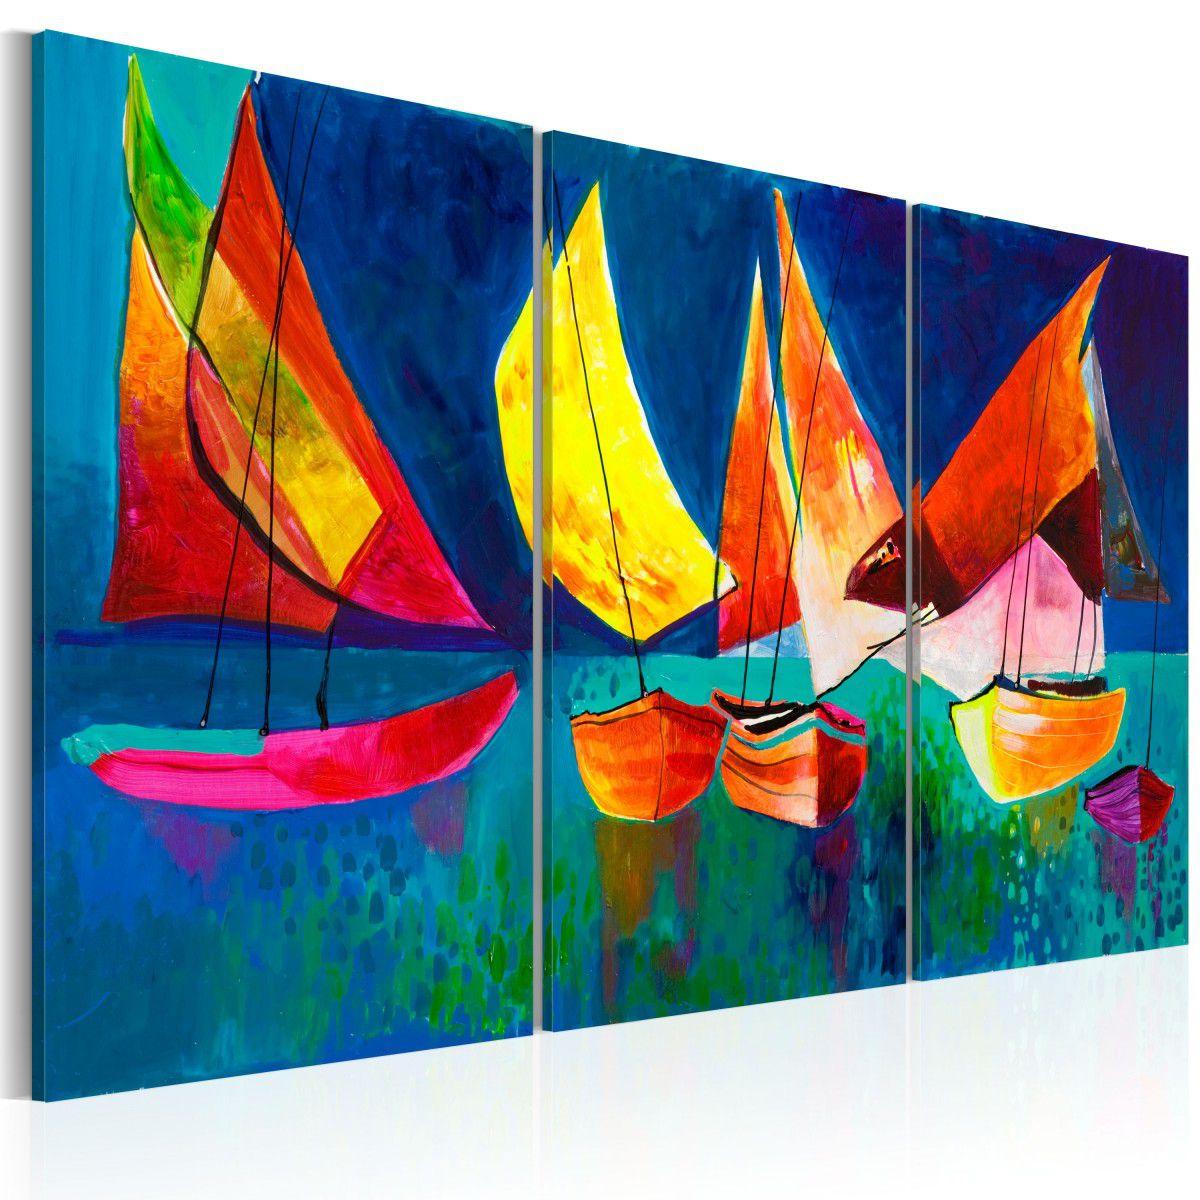 ... Ručně malovaný obraz - Barevné plachetnice - 120x80 03d7a33461